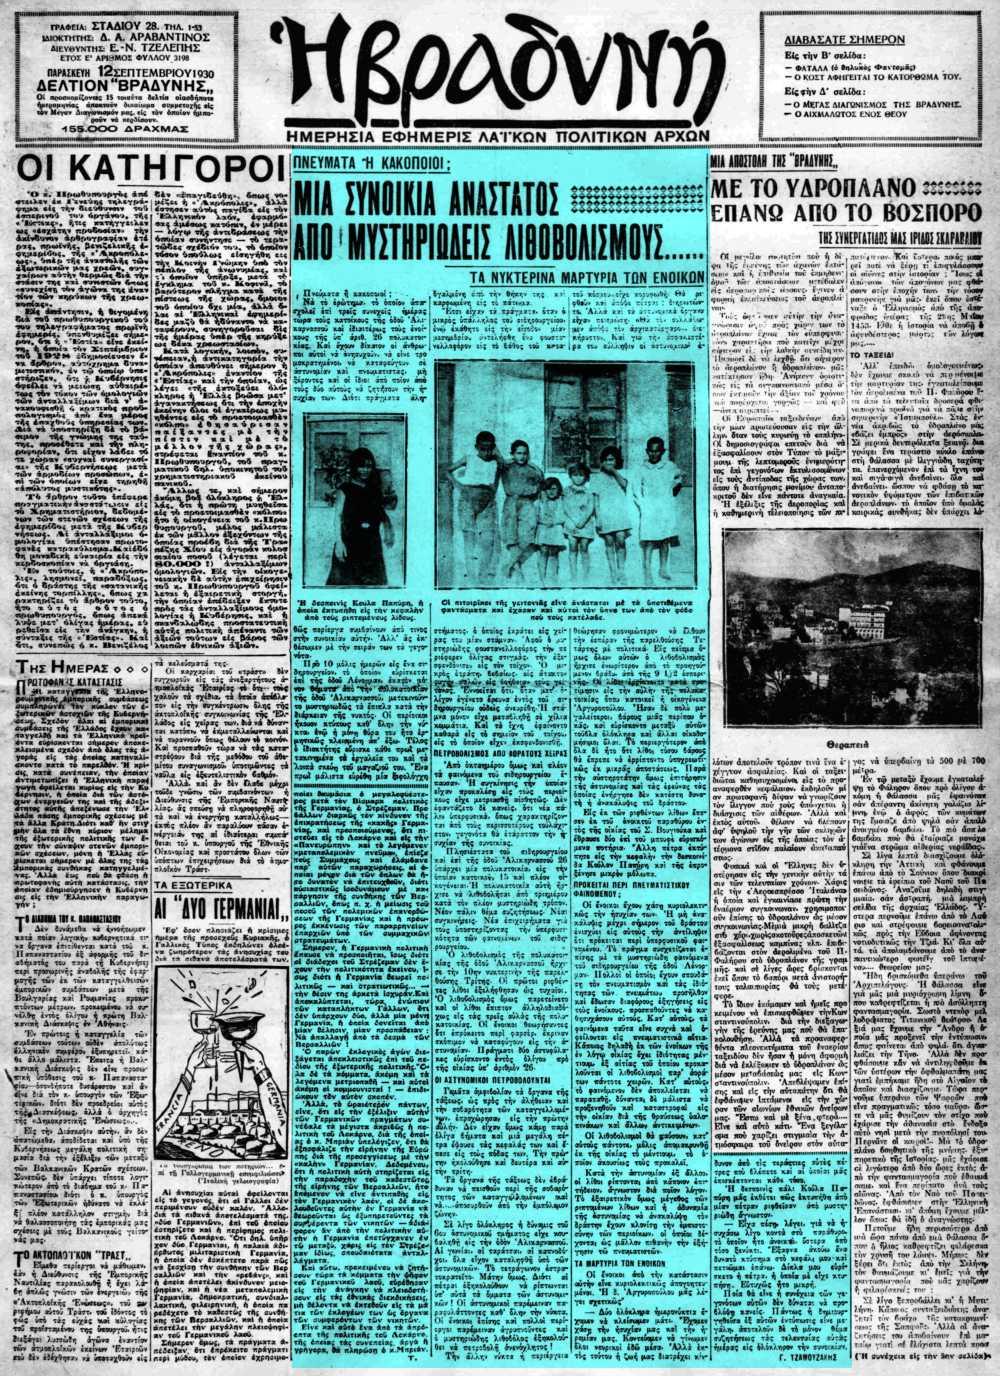 """Το άρθρο, όπως δημοσιεύθηκε στην εφημερίδα """"Η ΒΡΑΔΥΝΗ"""", στις 12/09/1930"""